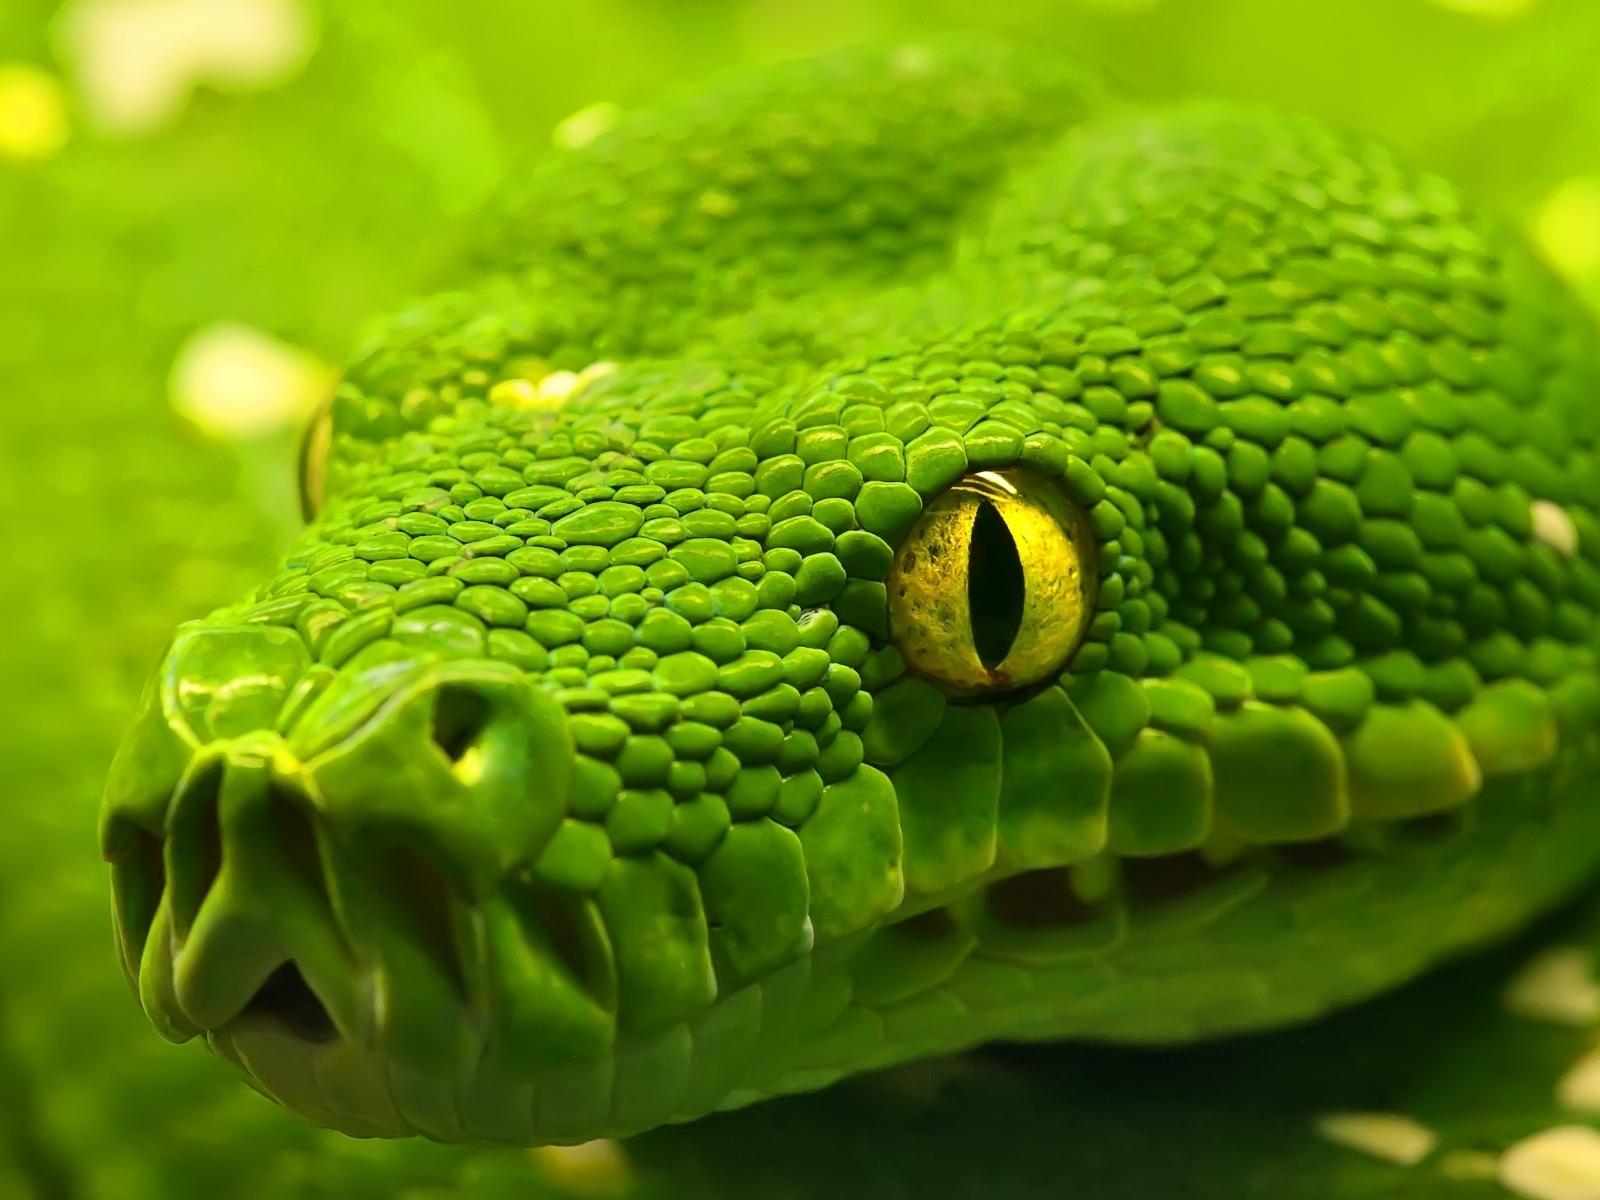 Зеленая змея, фото, обои для рабочего стола, змеи